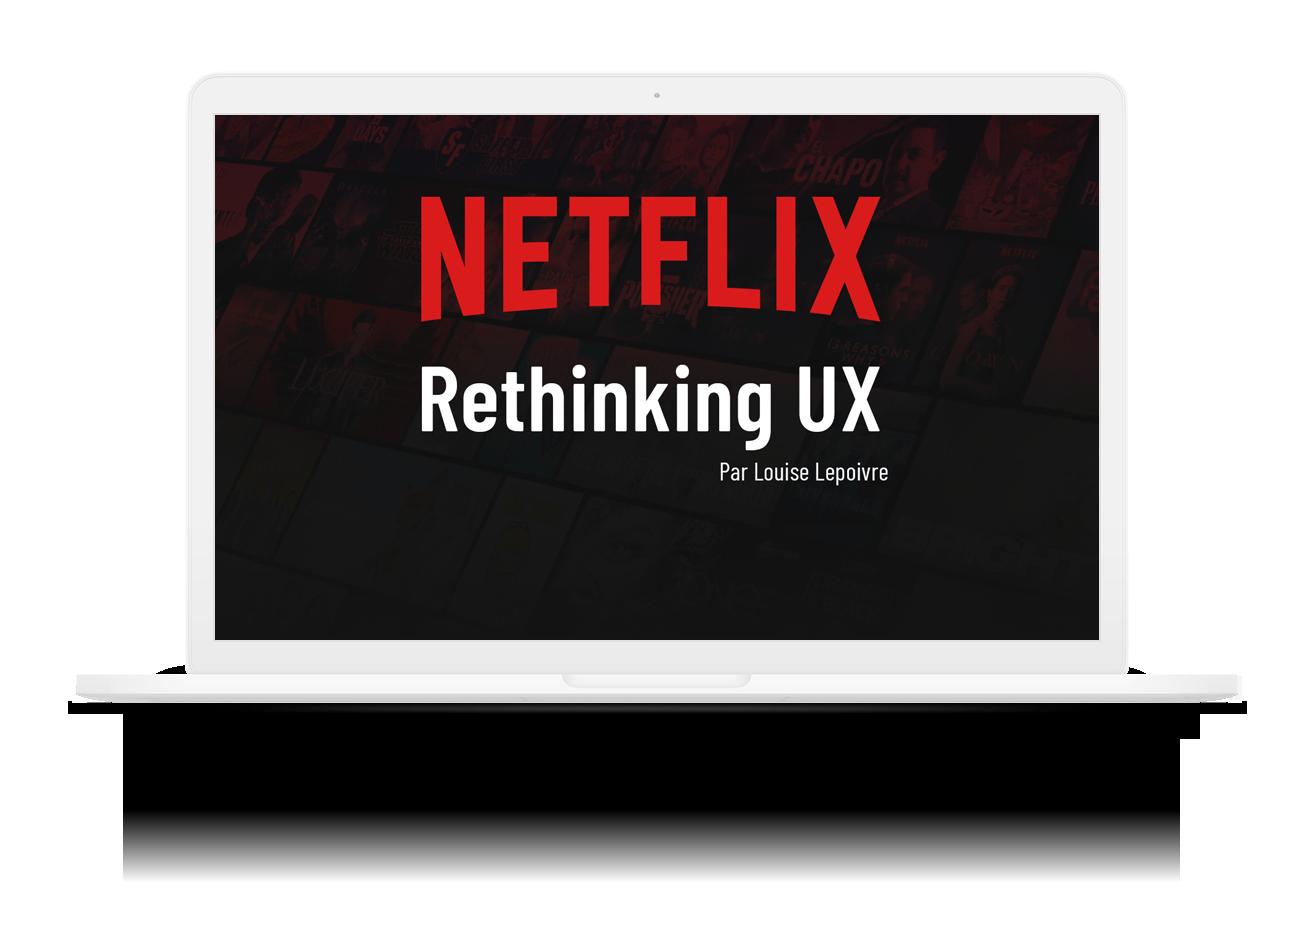 Macbook présentant la page d'accueil du projet rethinking UX pour Netflix